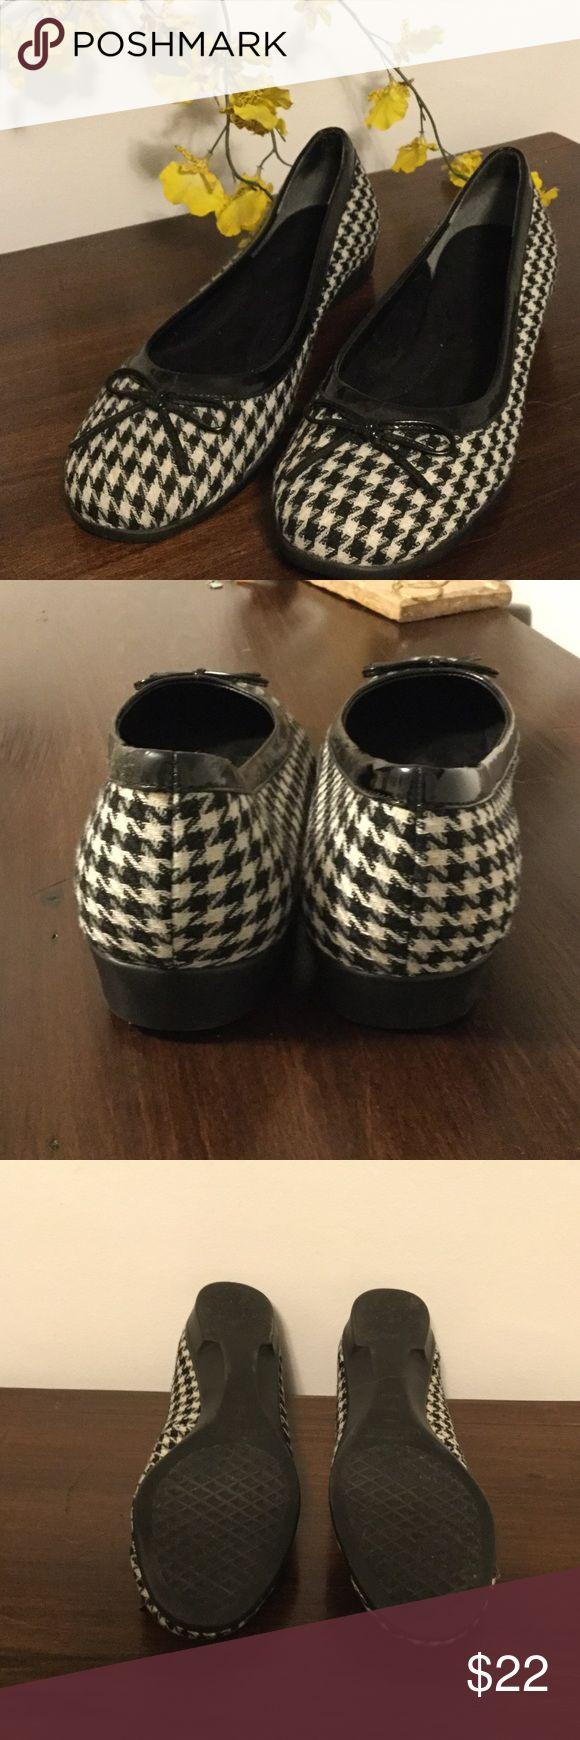 Aerosoles Herringbone Black & White Flats Aerosoles Herringbone Black & White Flats. Gently worn. AEROSOLES Shoes Flats & Loafers